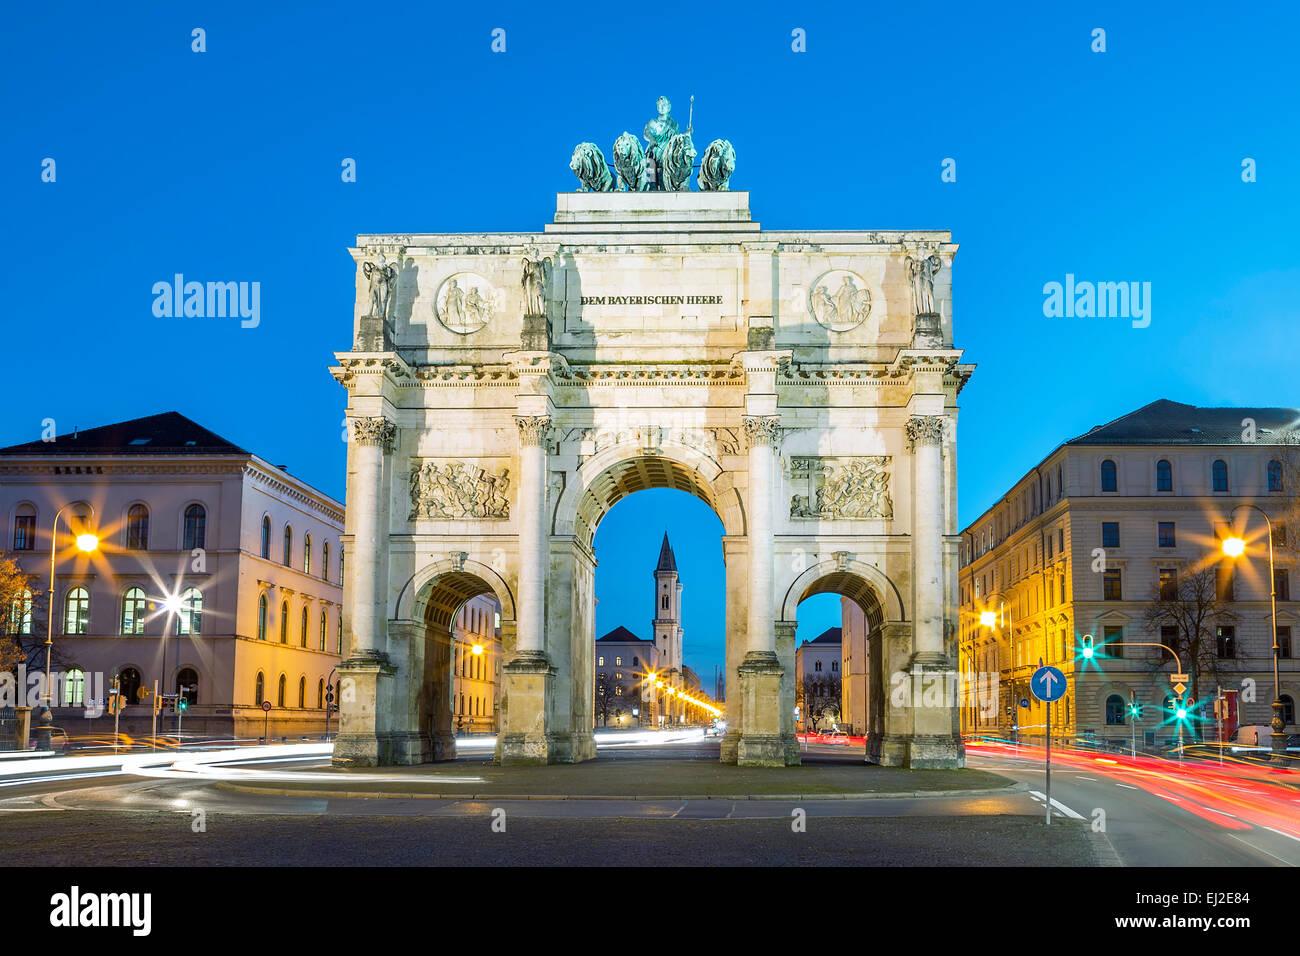 La Siegestor (anglais: Victory Arch) de Munich. Il s'agit d'une longue exposition au crépuscule Photo Stock